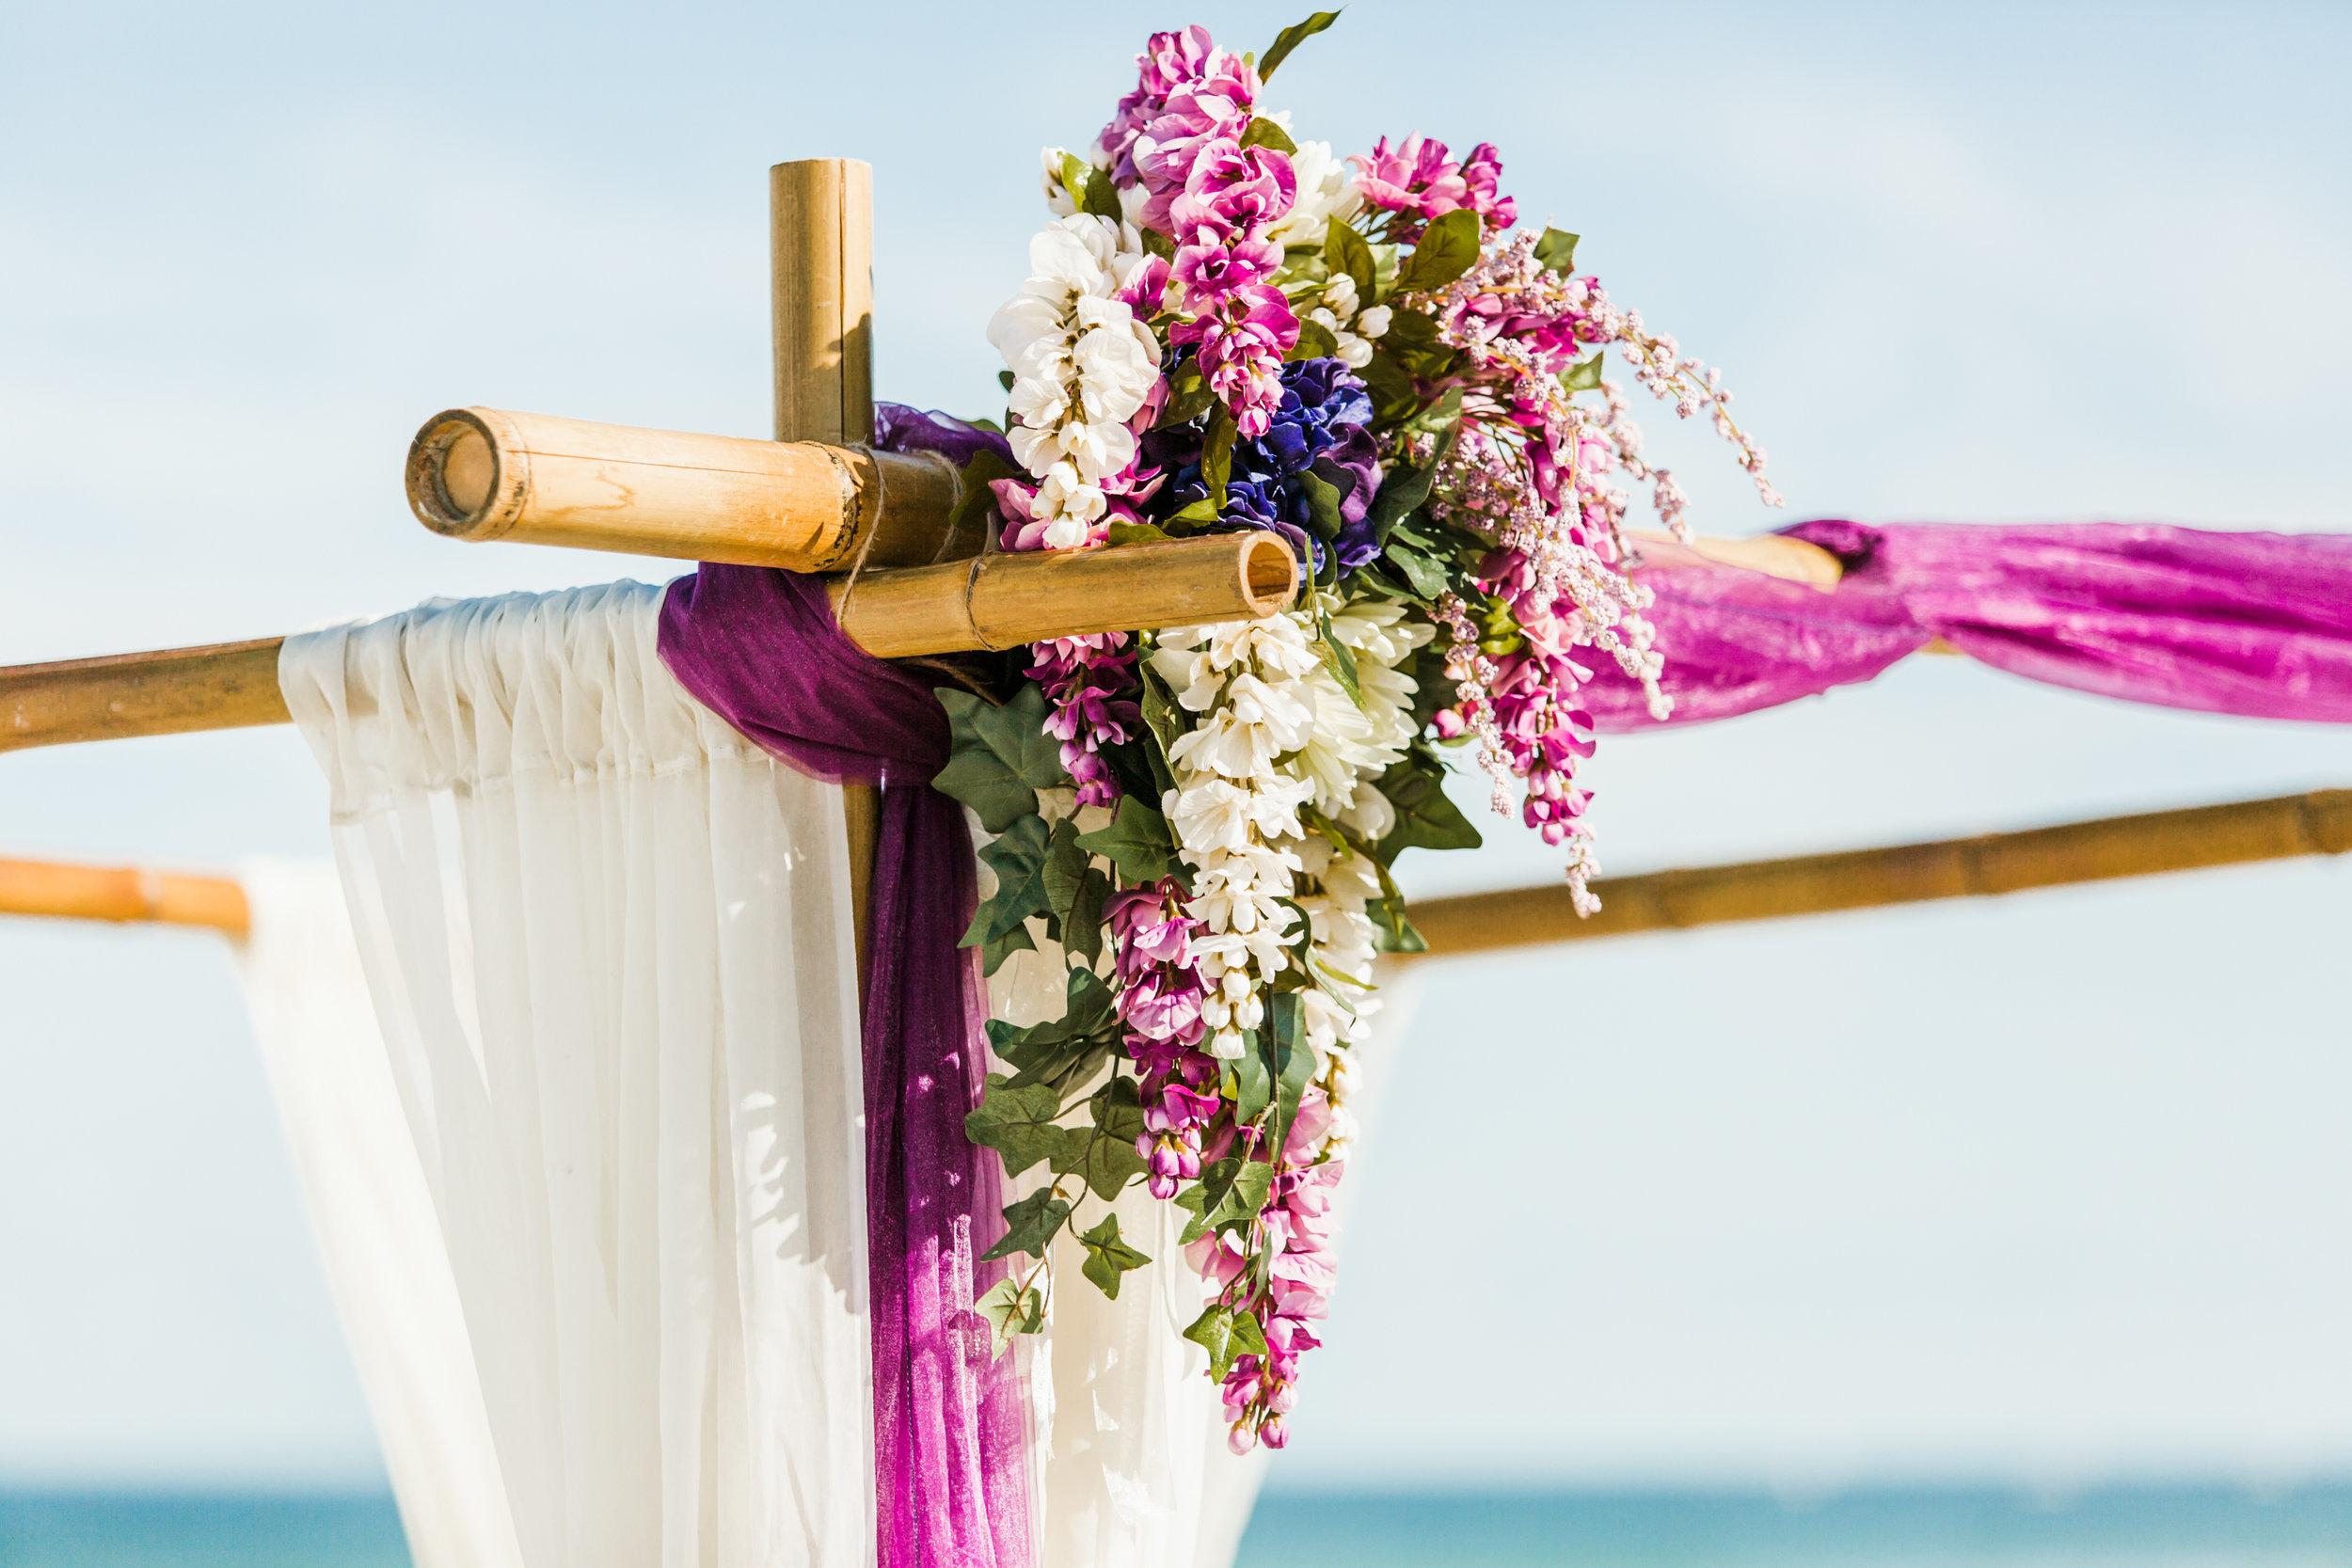 Violets & Seastars- November Ponce Inlet Wedding - Suzette & Dwight 4.jpg